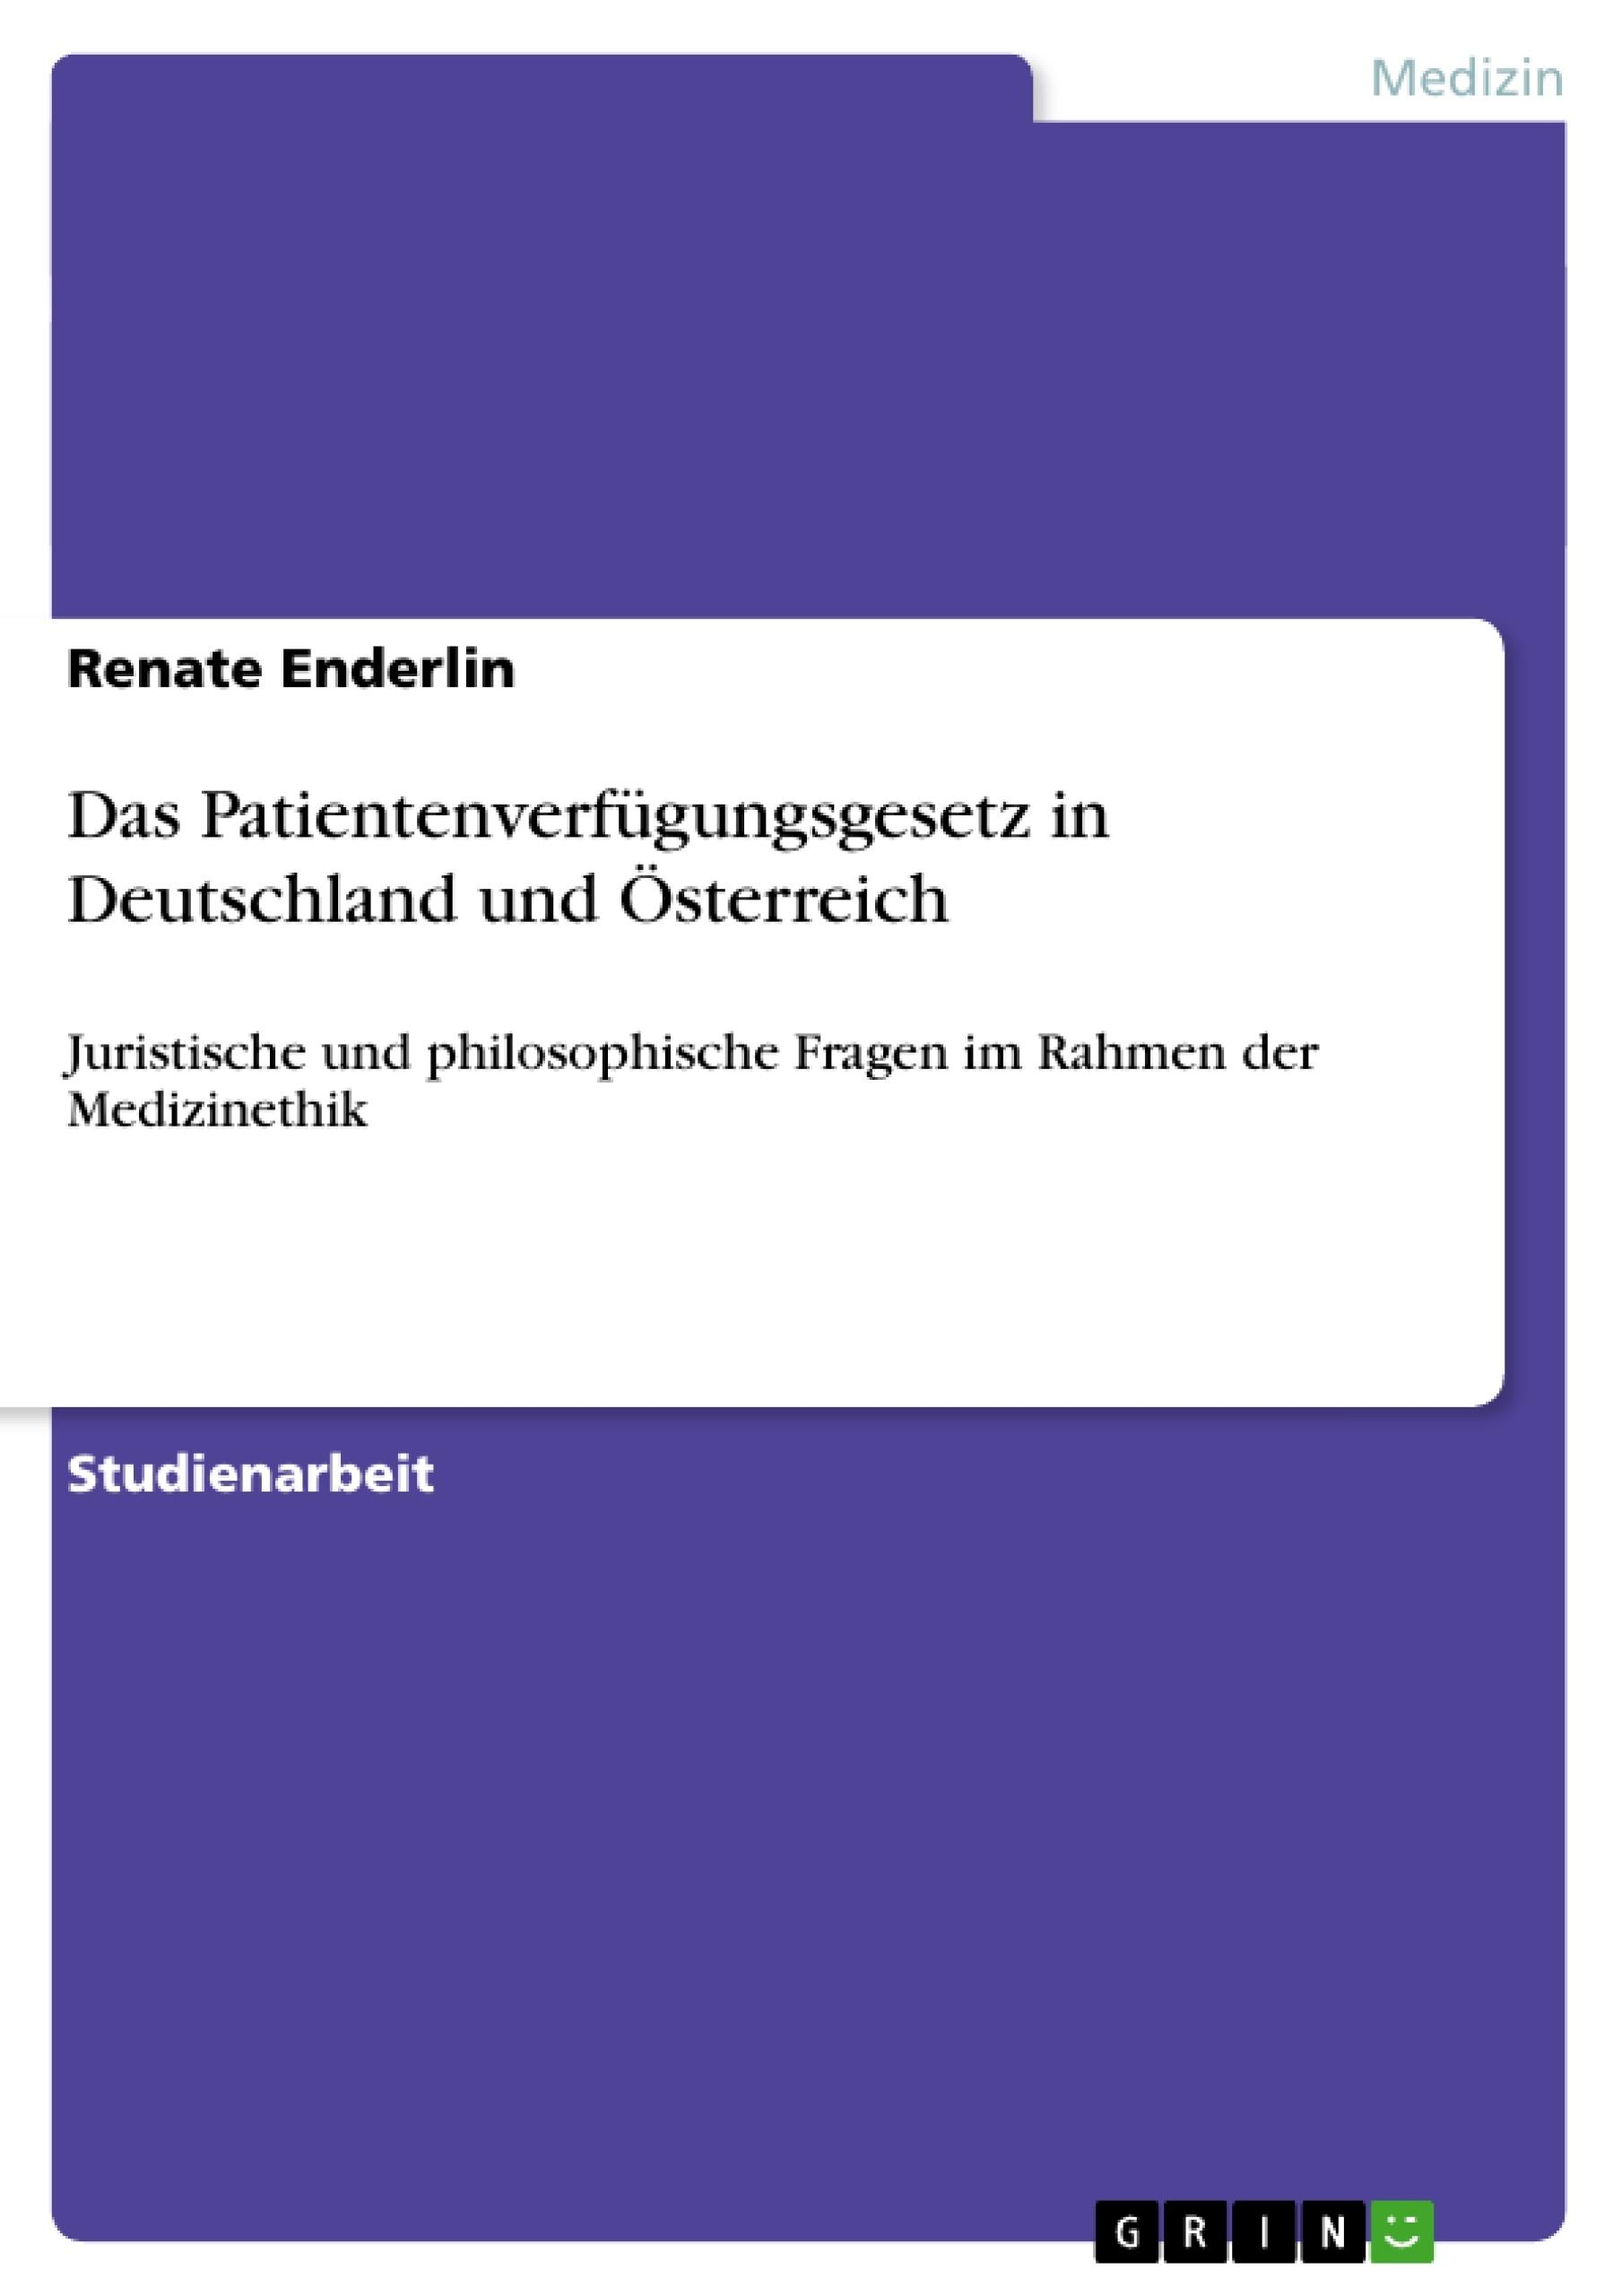 Titel: Das Patientenverfügungsgesetz in Deutschland und Österreich